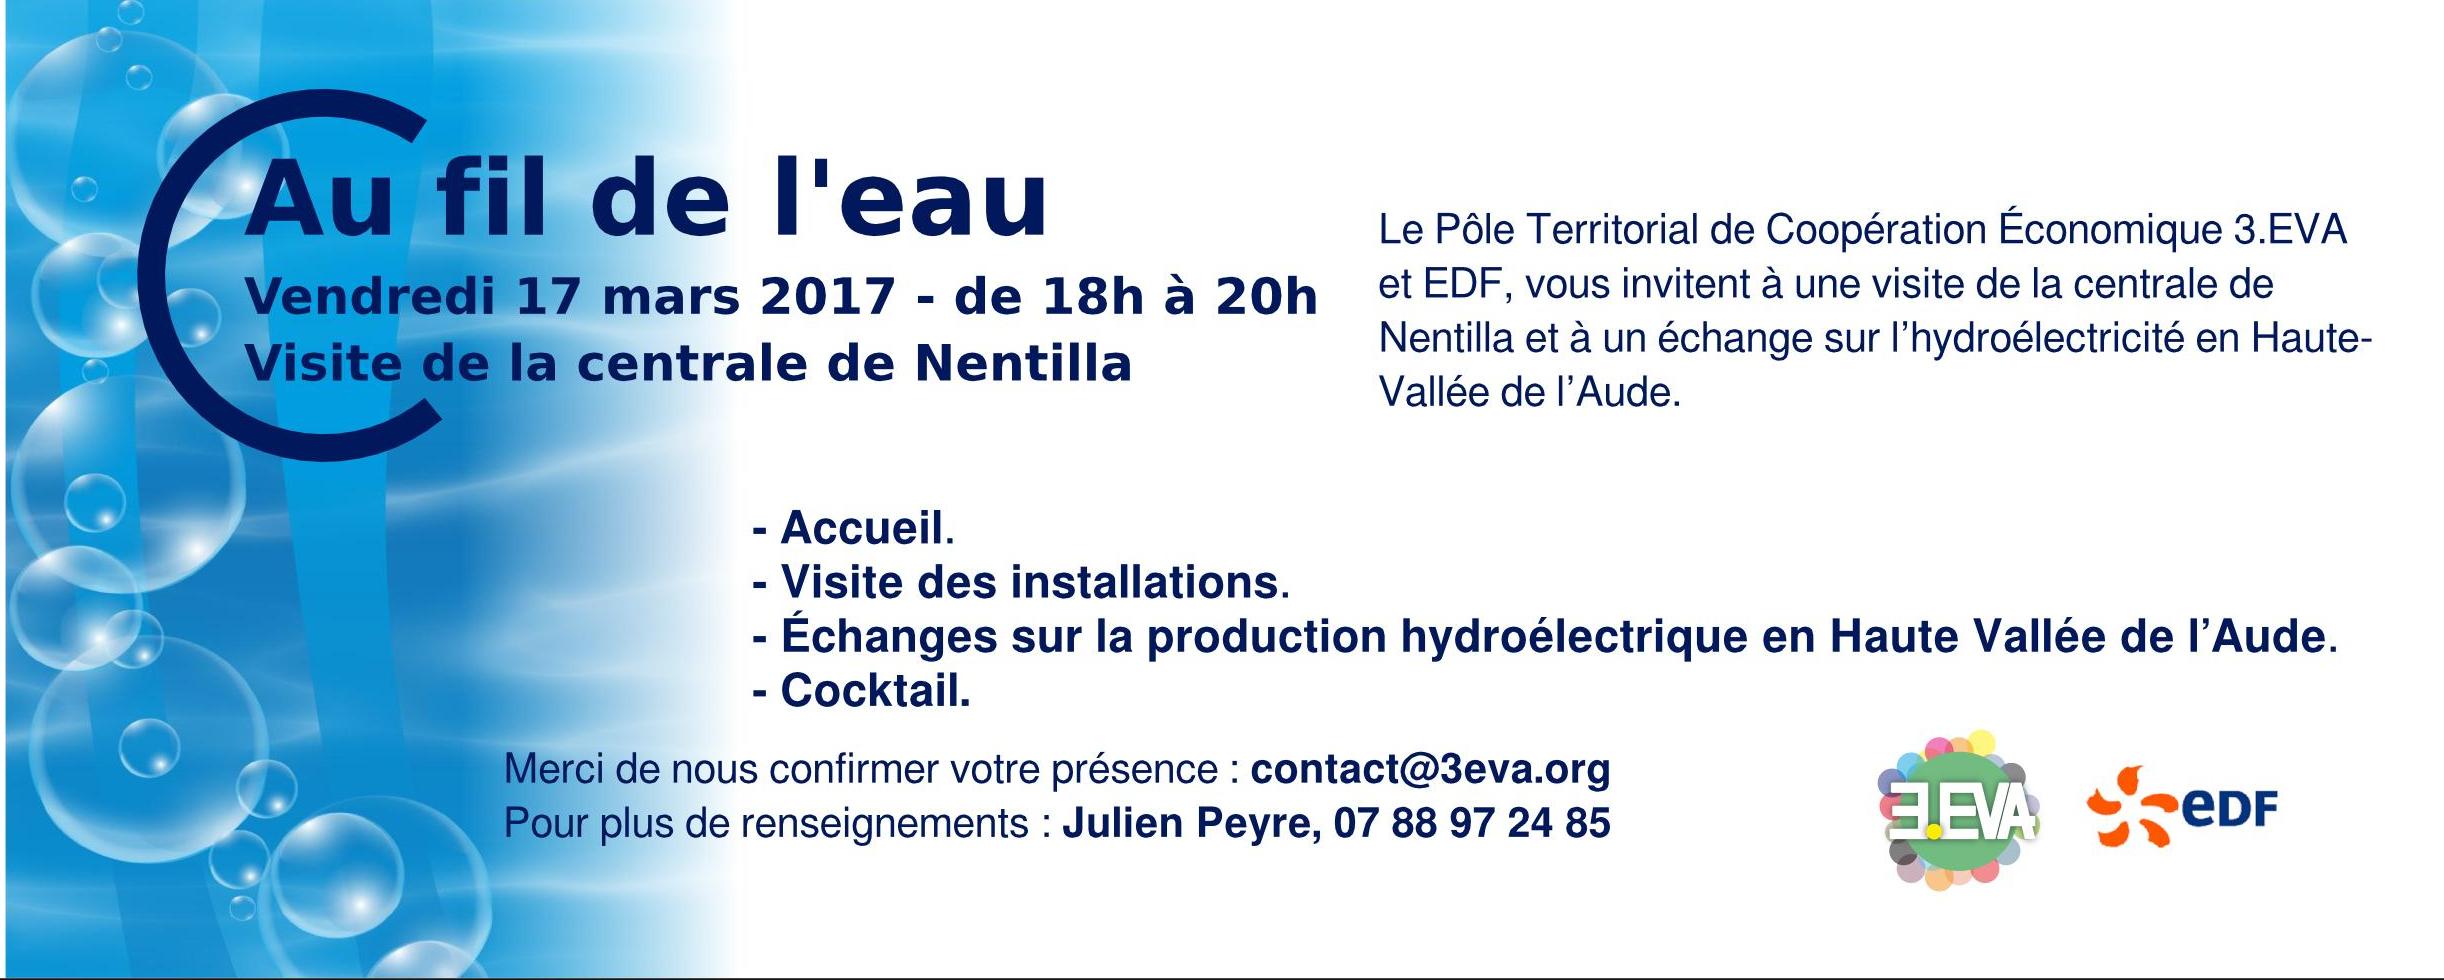 image Invitation_17_mars_visite_Nentilla__PTCE__EDF.jpeg (1.0MB)